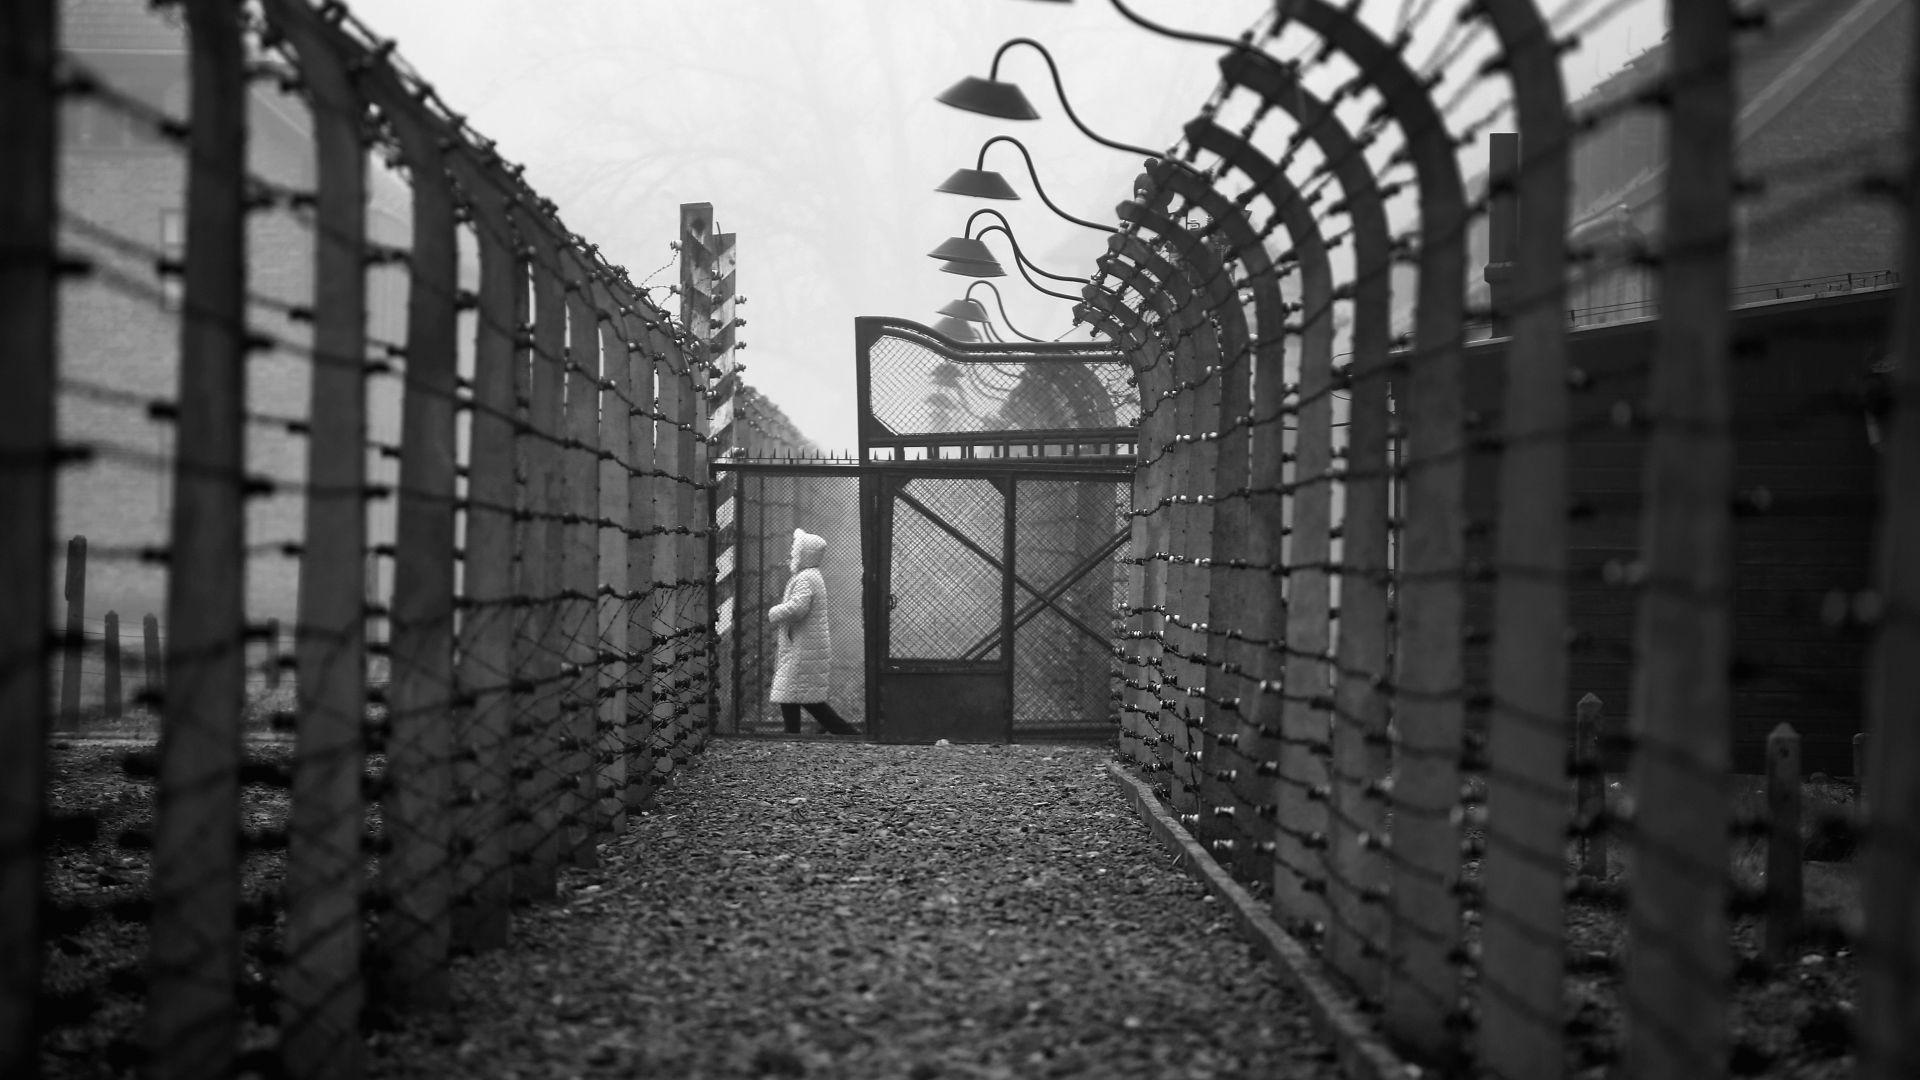 Бивш 94-годишен надзирател от СС в нацисткия концлагер Щутхоф (край